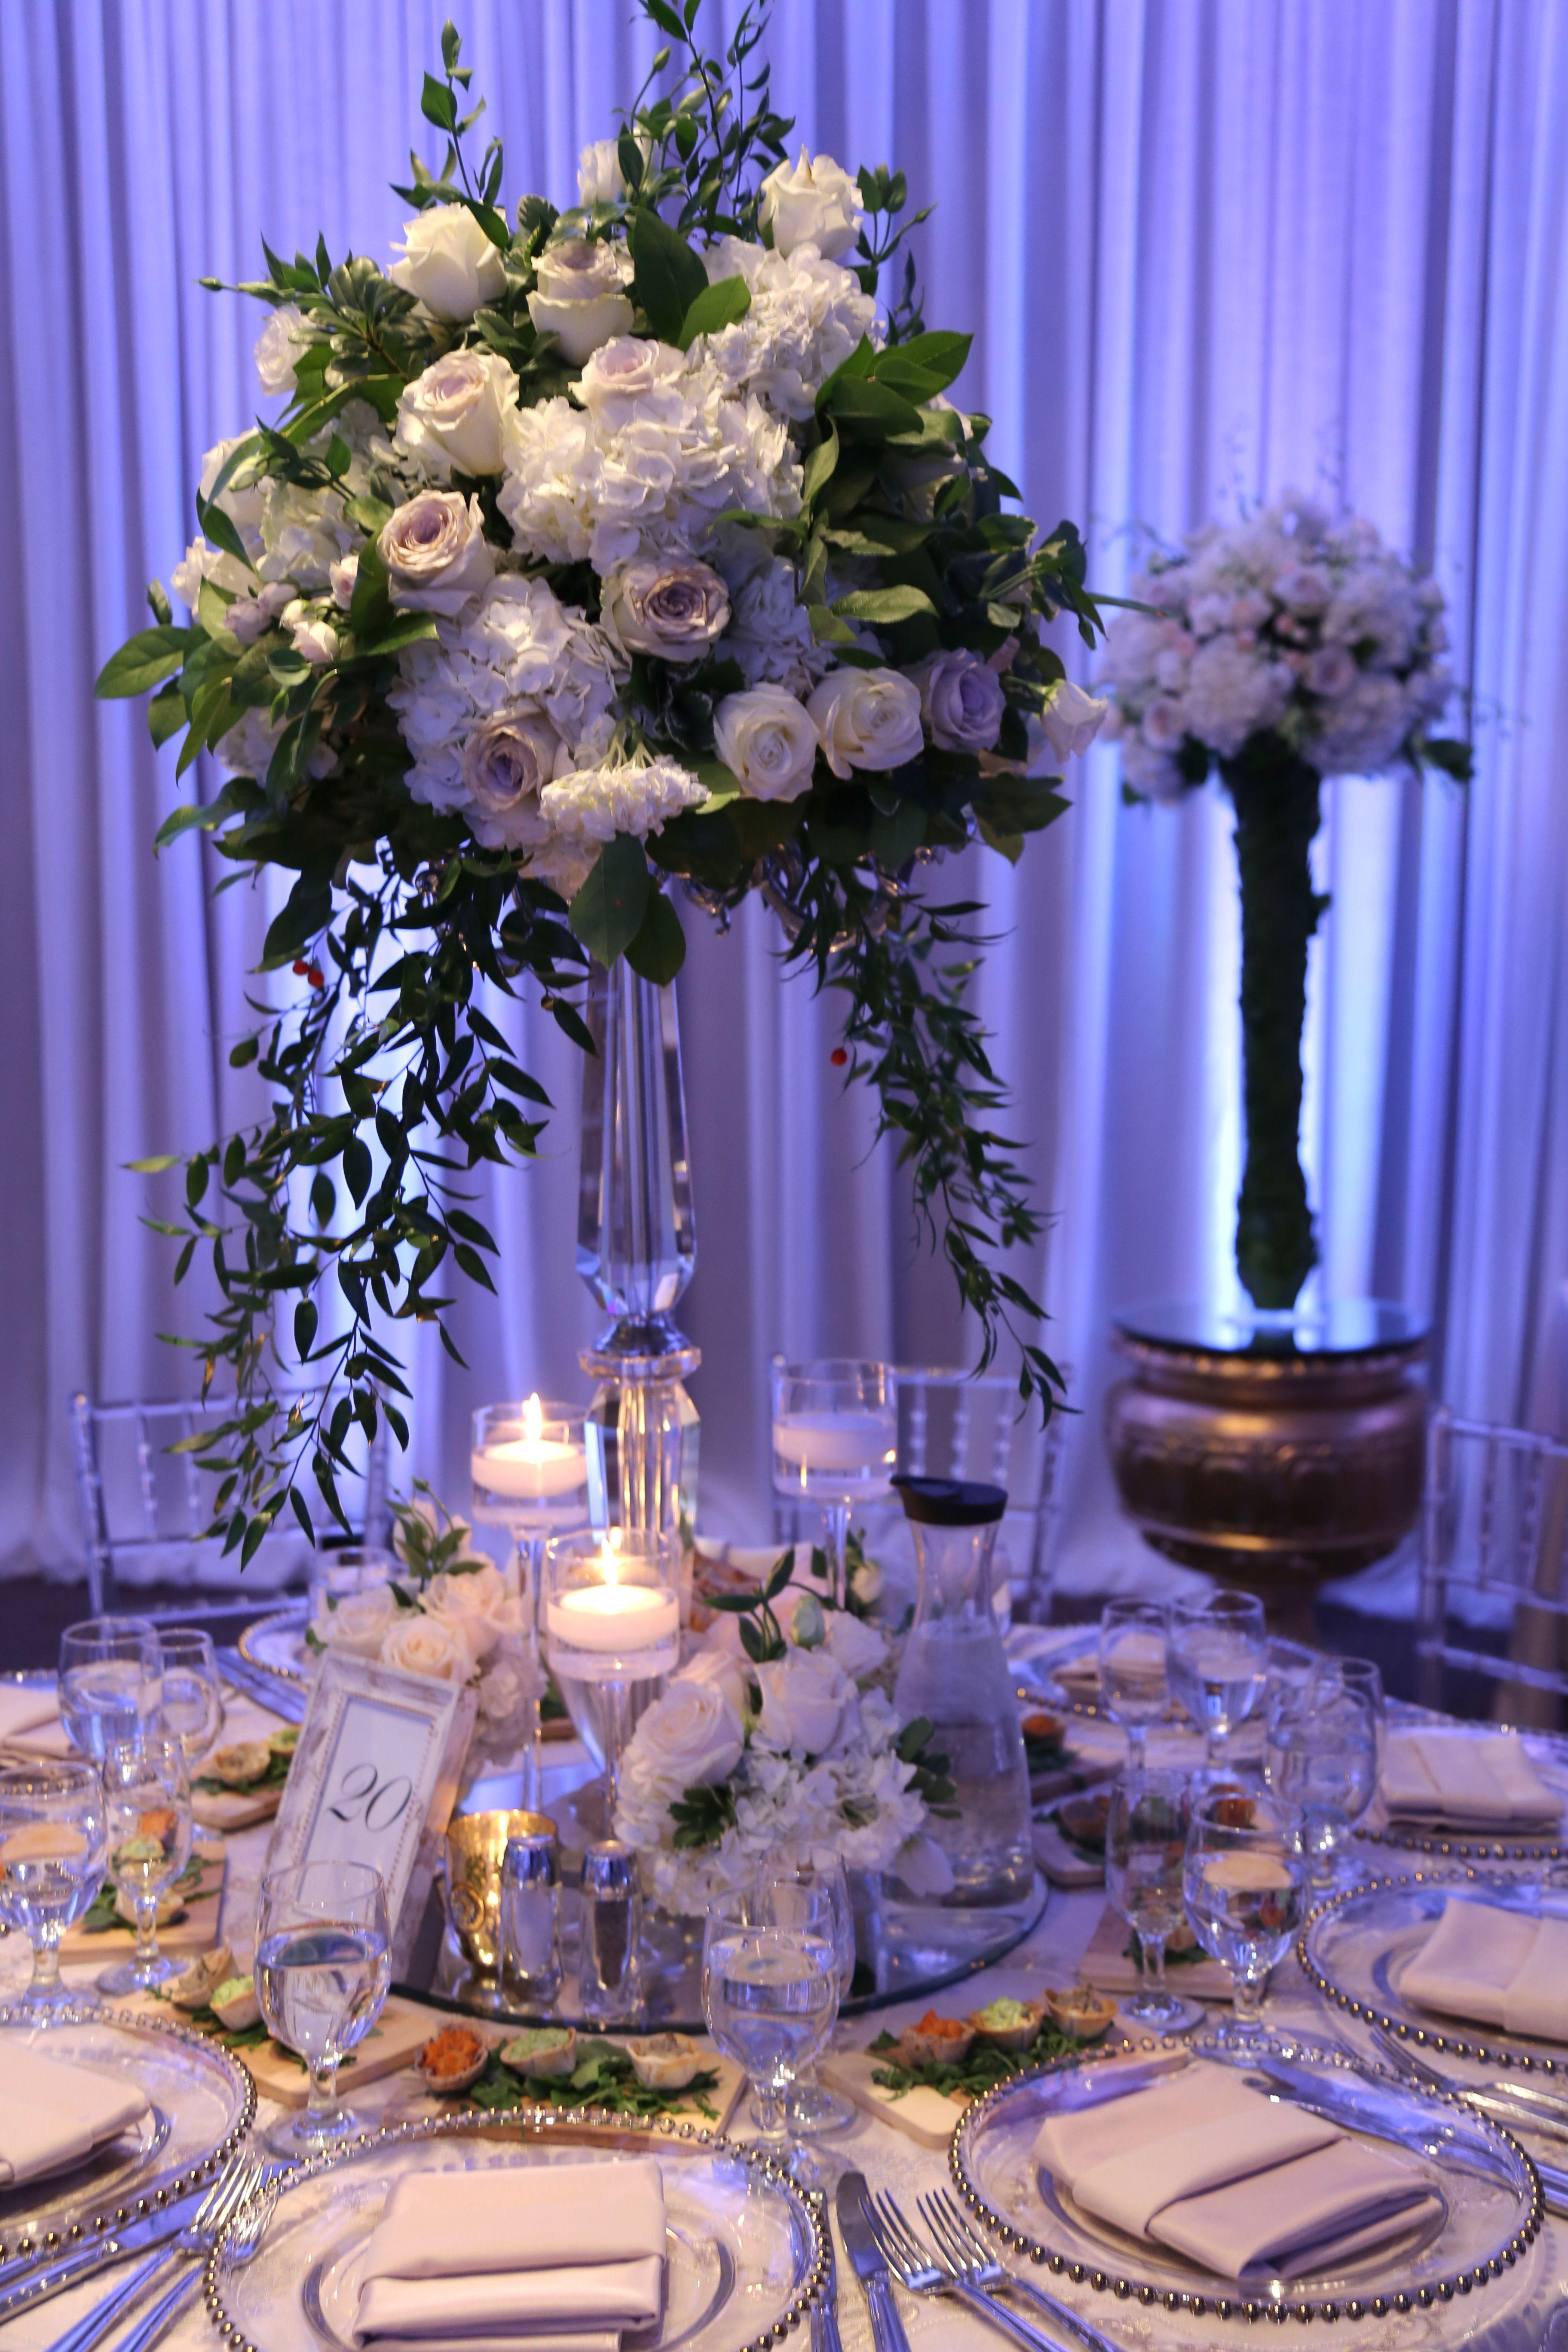 Garden event decor  Garden Centerpiece with crystal candelabra  Wedding Decor